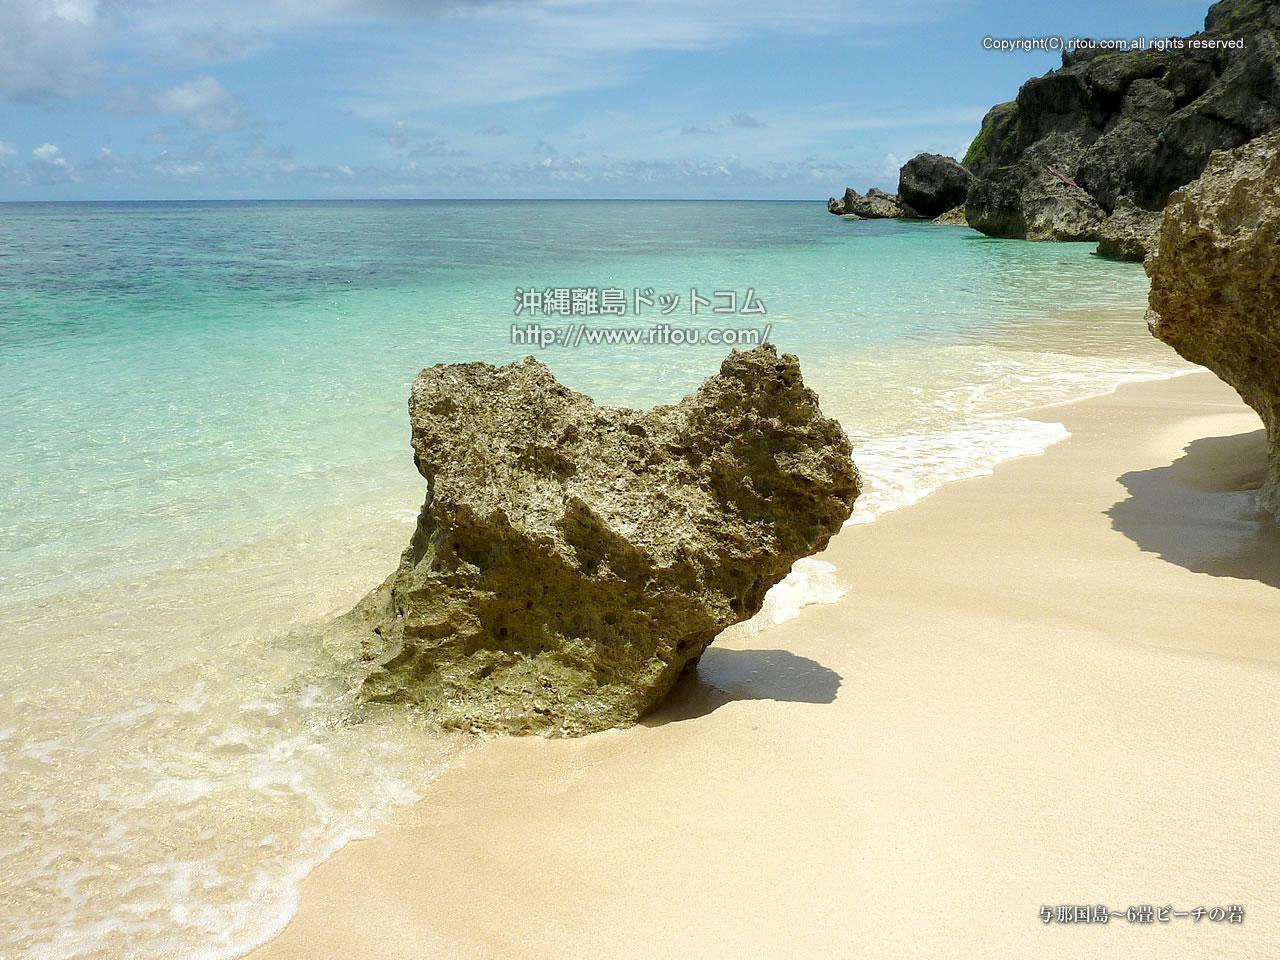 与那国島〜6畳ビーチの岩